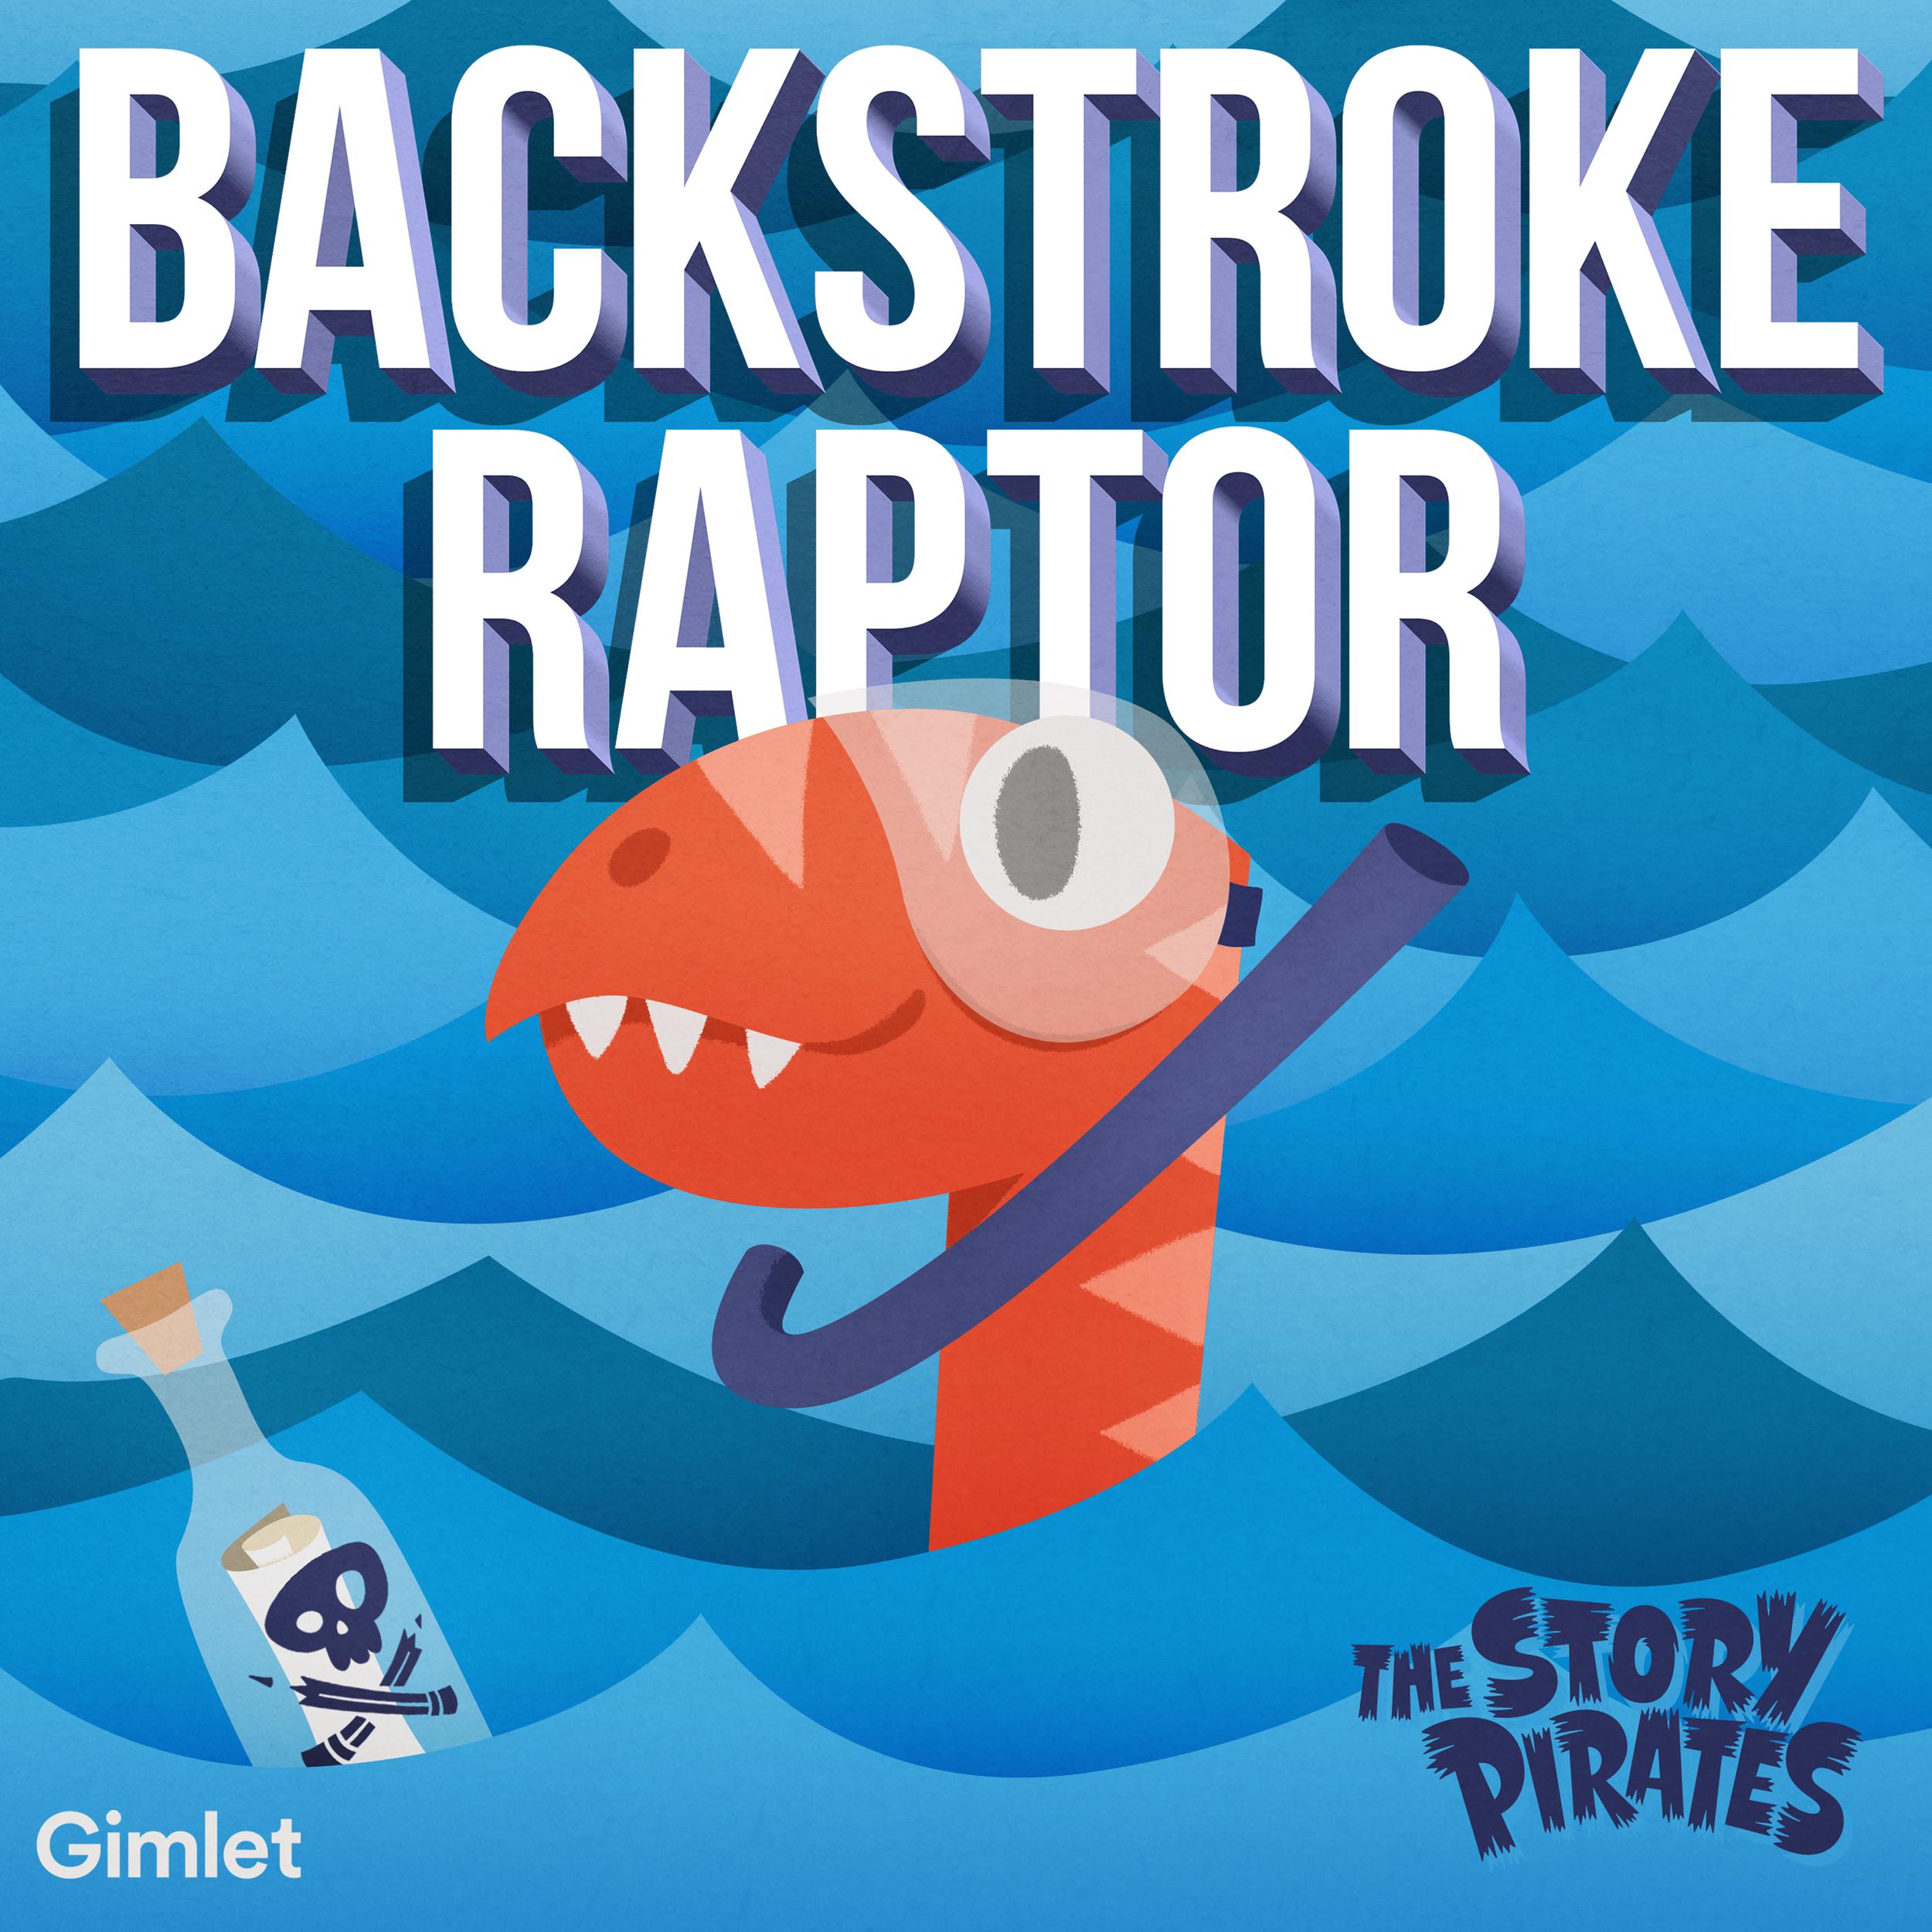 Backstroke-Raptor_final_3000x3000.png